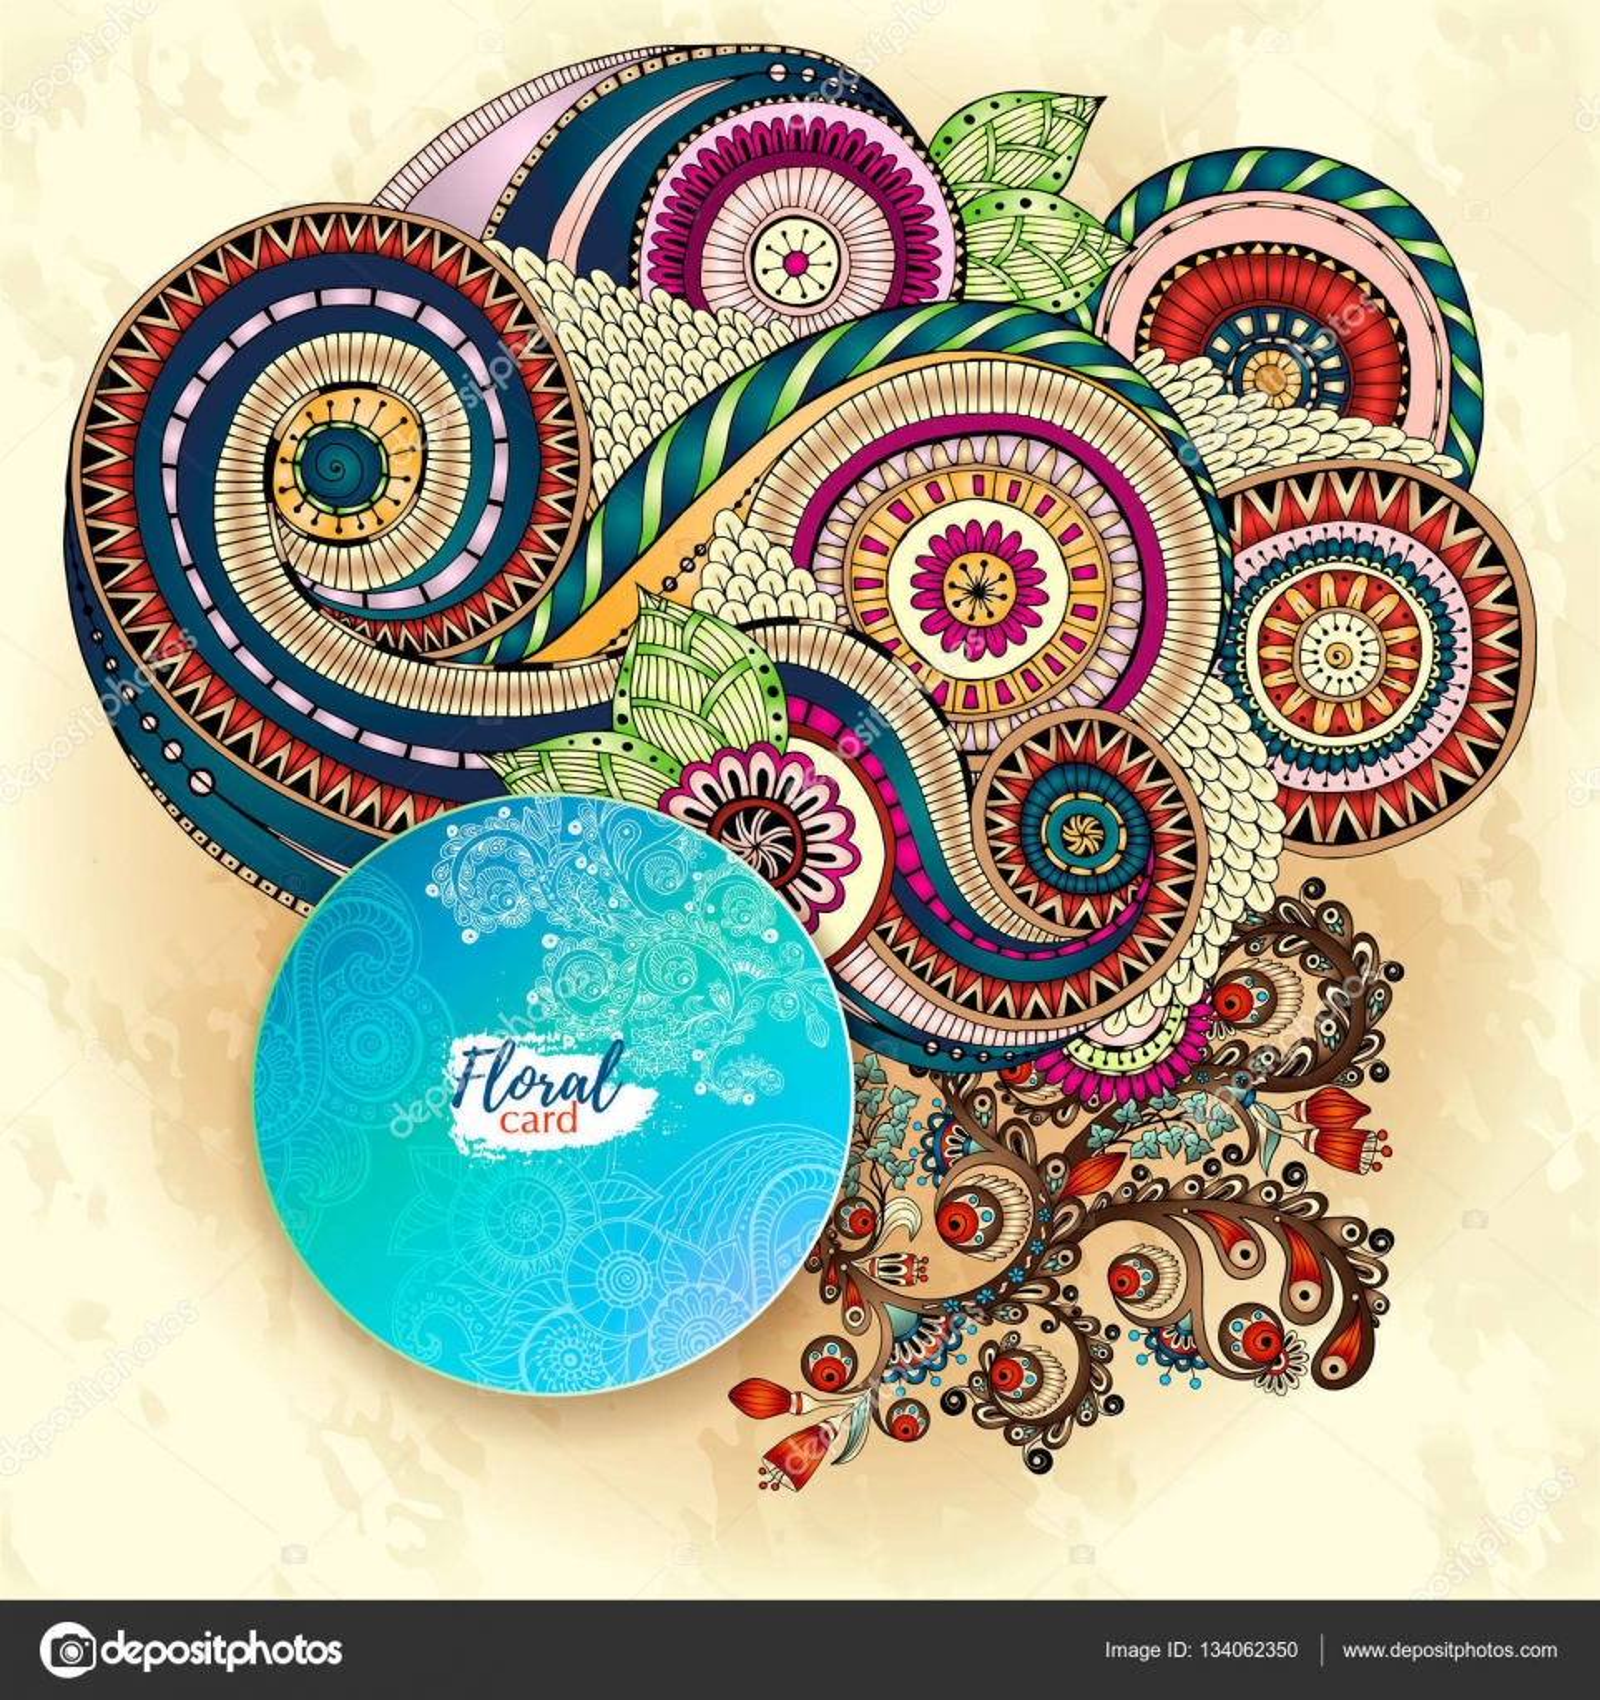 gratulationskort på webben Vector mall företagsidentitet. Business konstverk med akvarell  gratulationskort på webben